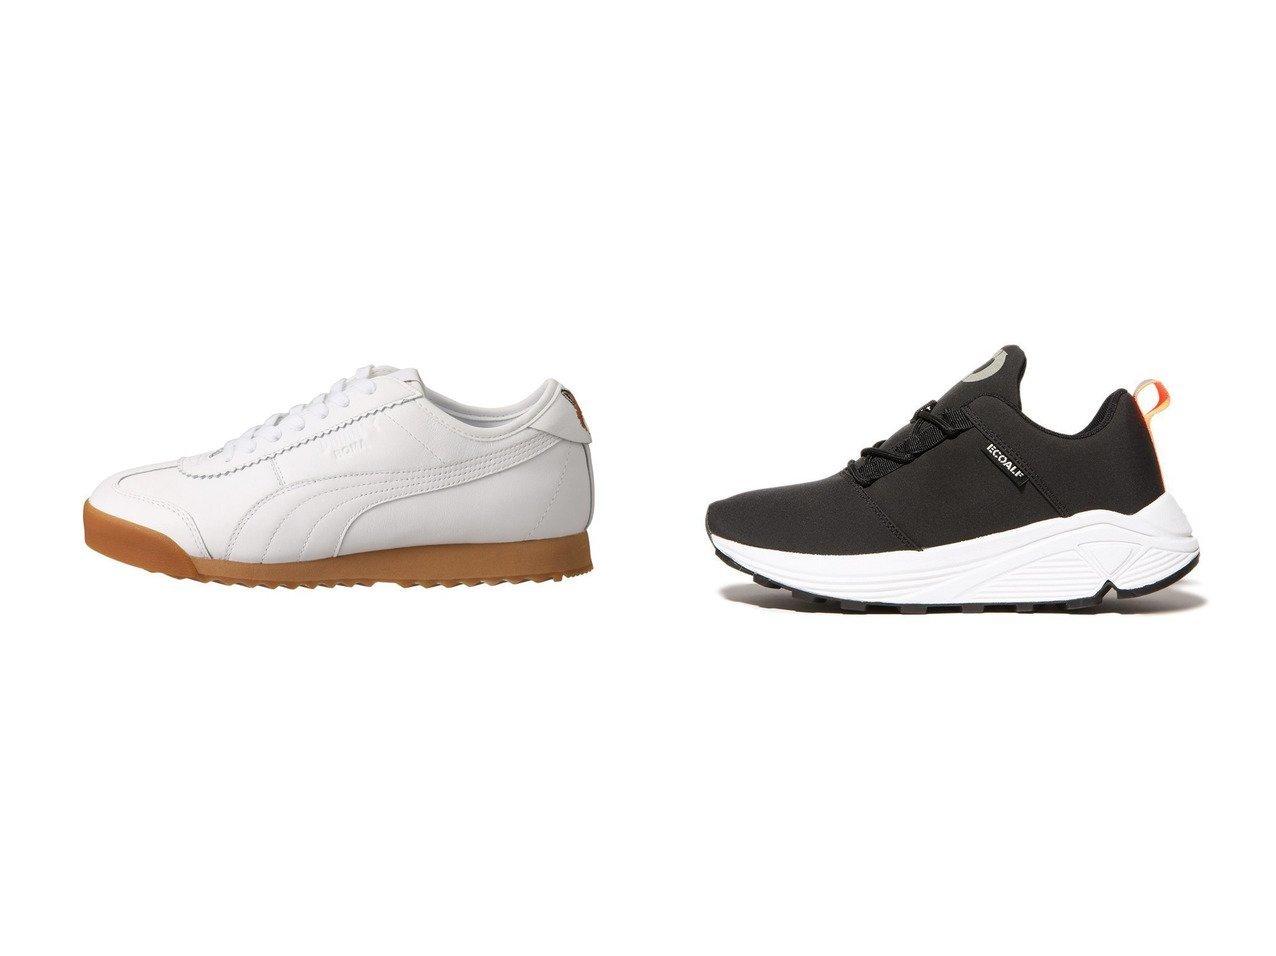 【ECOALF/エコアルフ】のPATRI スニーカー PATRI SNEAKERS WOMAN&【PUMA/プーマ】の【UNISEX】【PUMA x MAISON KITSUNE】スニーカー 【シューズ・靴】おすすめ!人気、トレンド・レディースファッションの通販 おすすめで人気の流行・トレンド、ファッションの通販商品 メンズファッション・キッズファッション・インテリア・家具・レディースファッション・服の通販 founy(ファニー) https://founy.com/ ファッション Fashion レディースファッション WOMEN UNISEX スニーカー アウトドア イタリア クッション 軽量 モダン ラバー 再入荷 Restock/Back in Stock/Re Arrival  ID:crp329100000028385